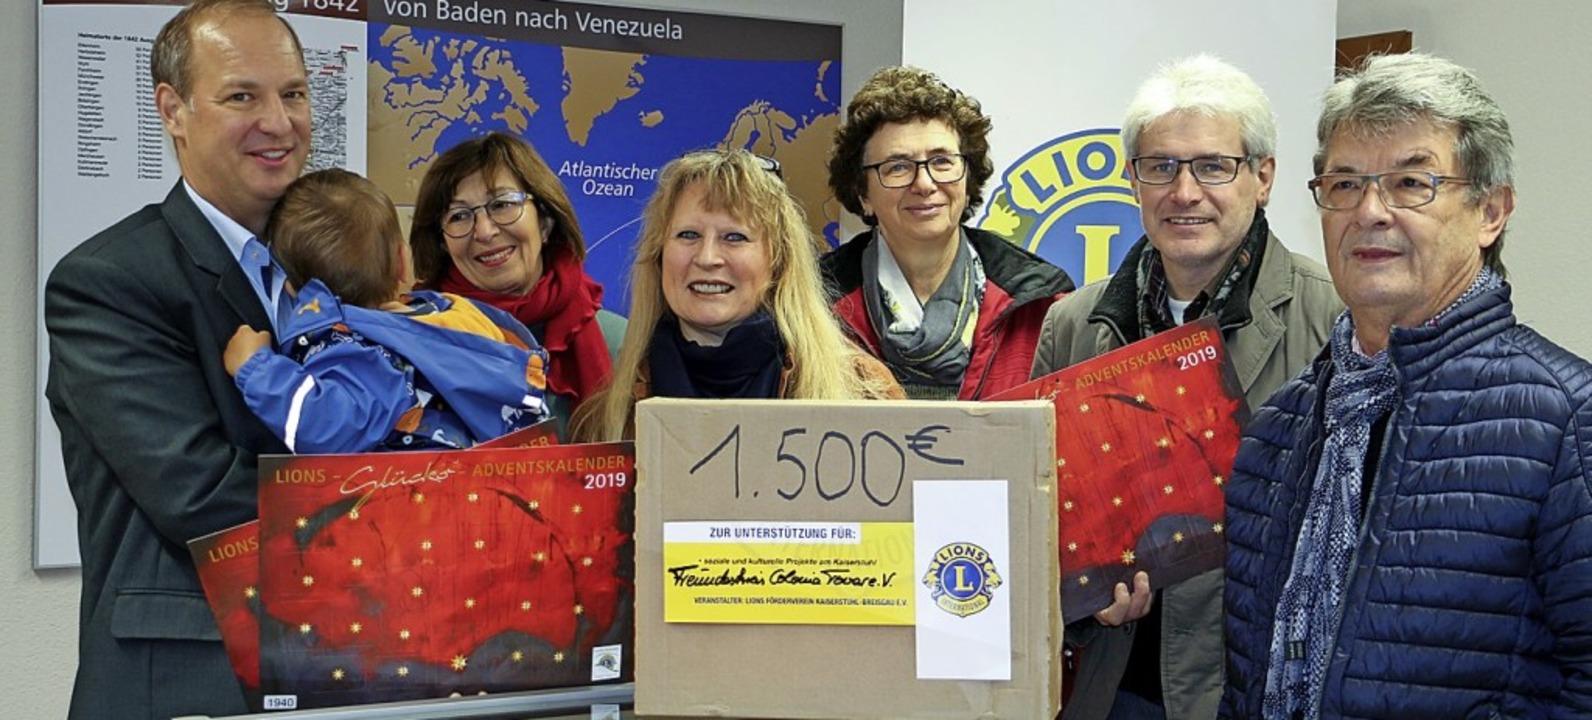 1500 Euro  übergaben Vertreter des Lio... den Freundeskreis der Colonia Tovar.   | Foto: Ruth Seitz